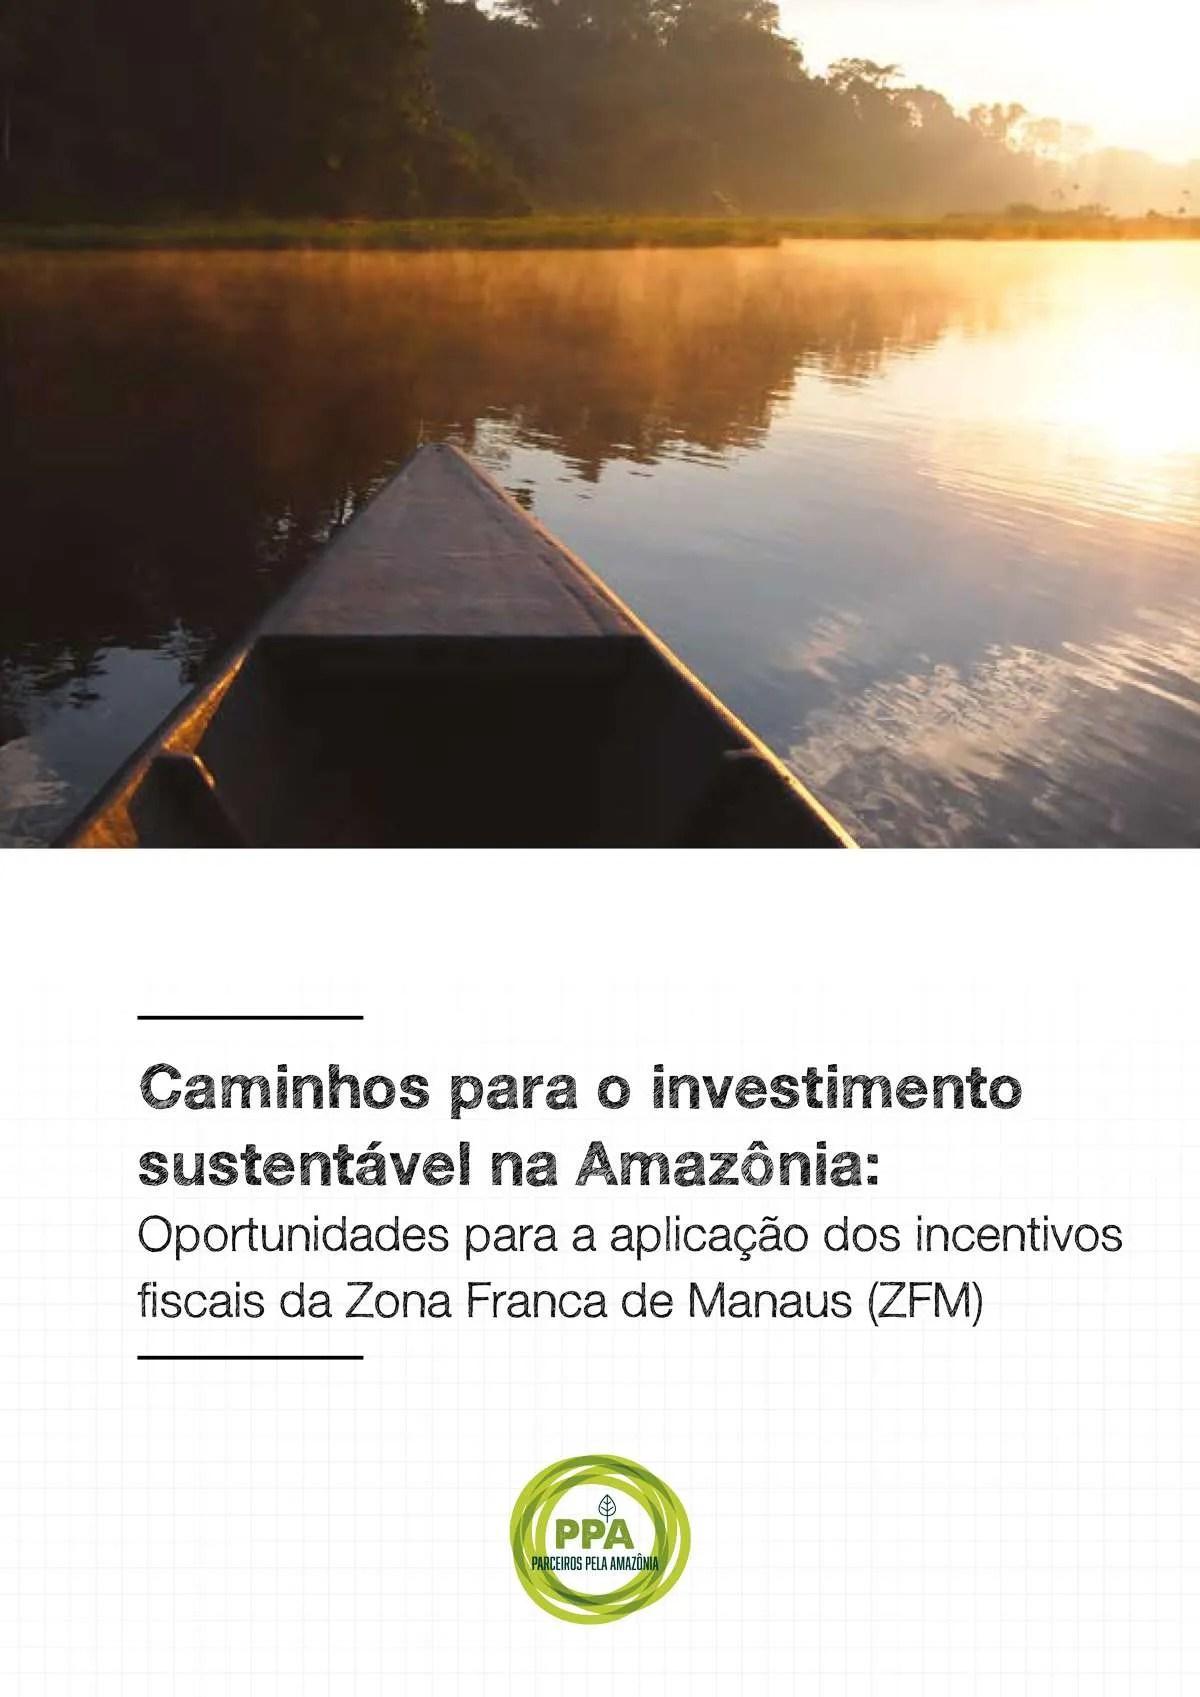 Caminhos para o investimento sustentável na Amazônia